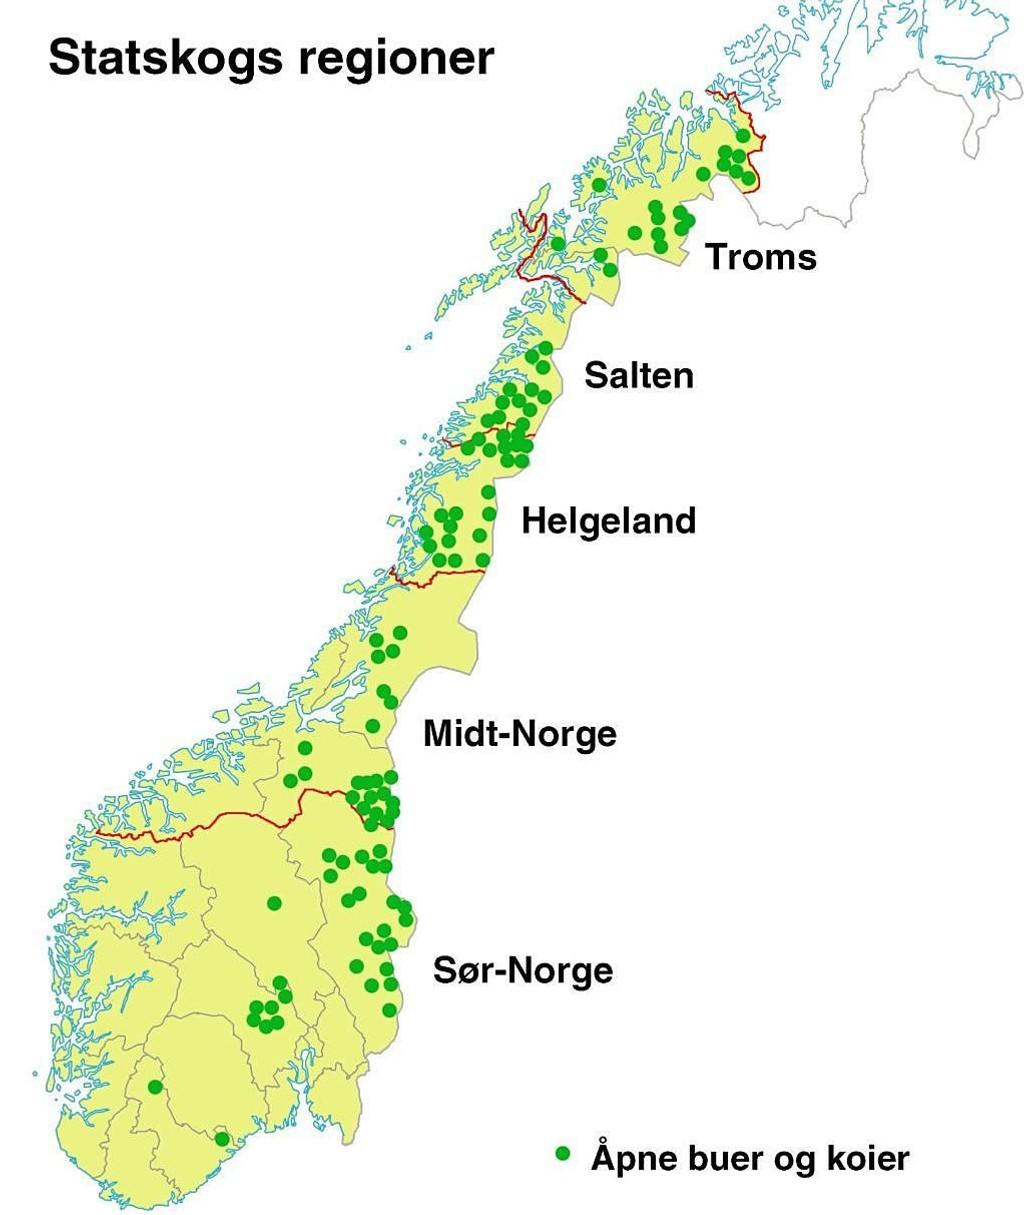 gratis kart norge Tilbyr over 100 gratis hytter gratis kart norge